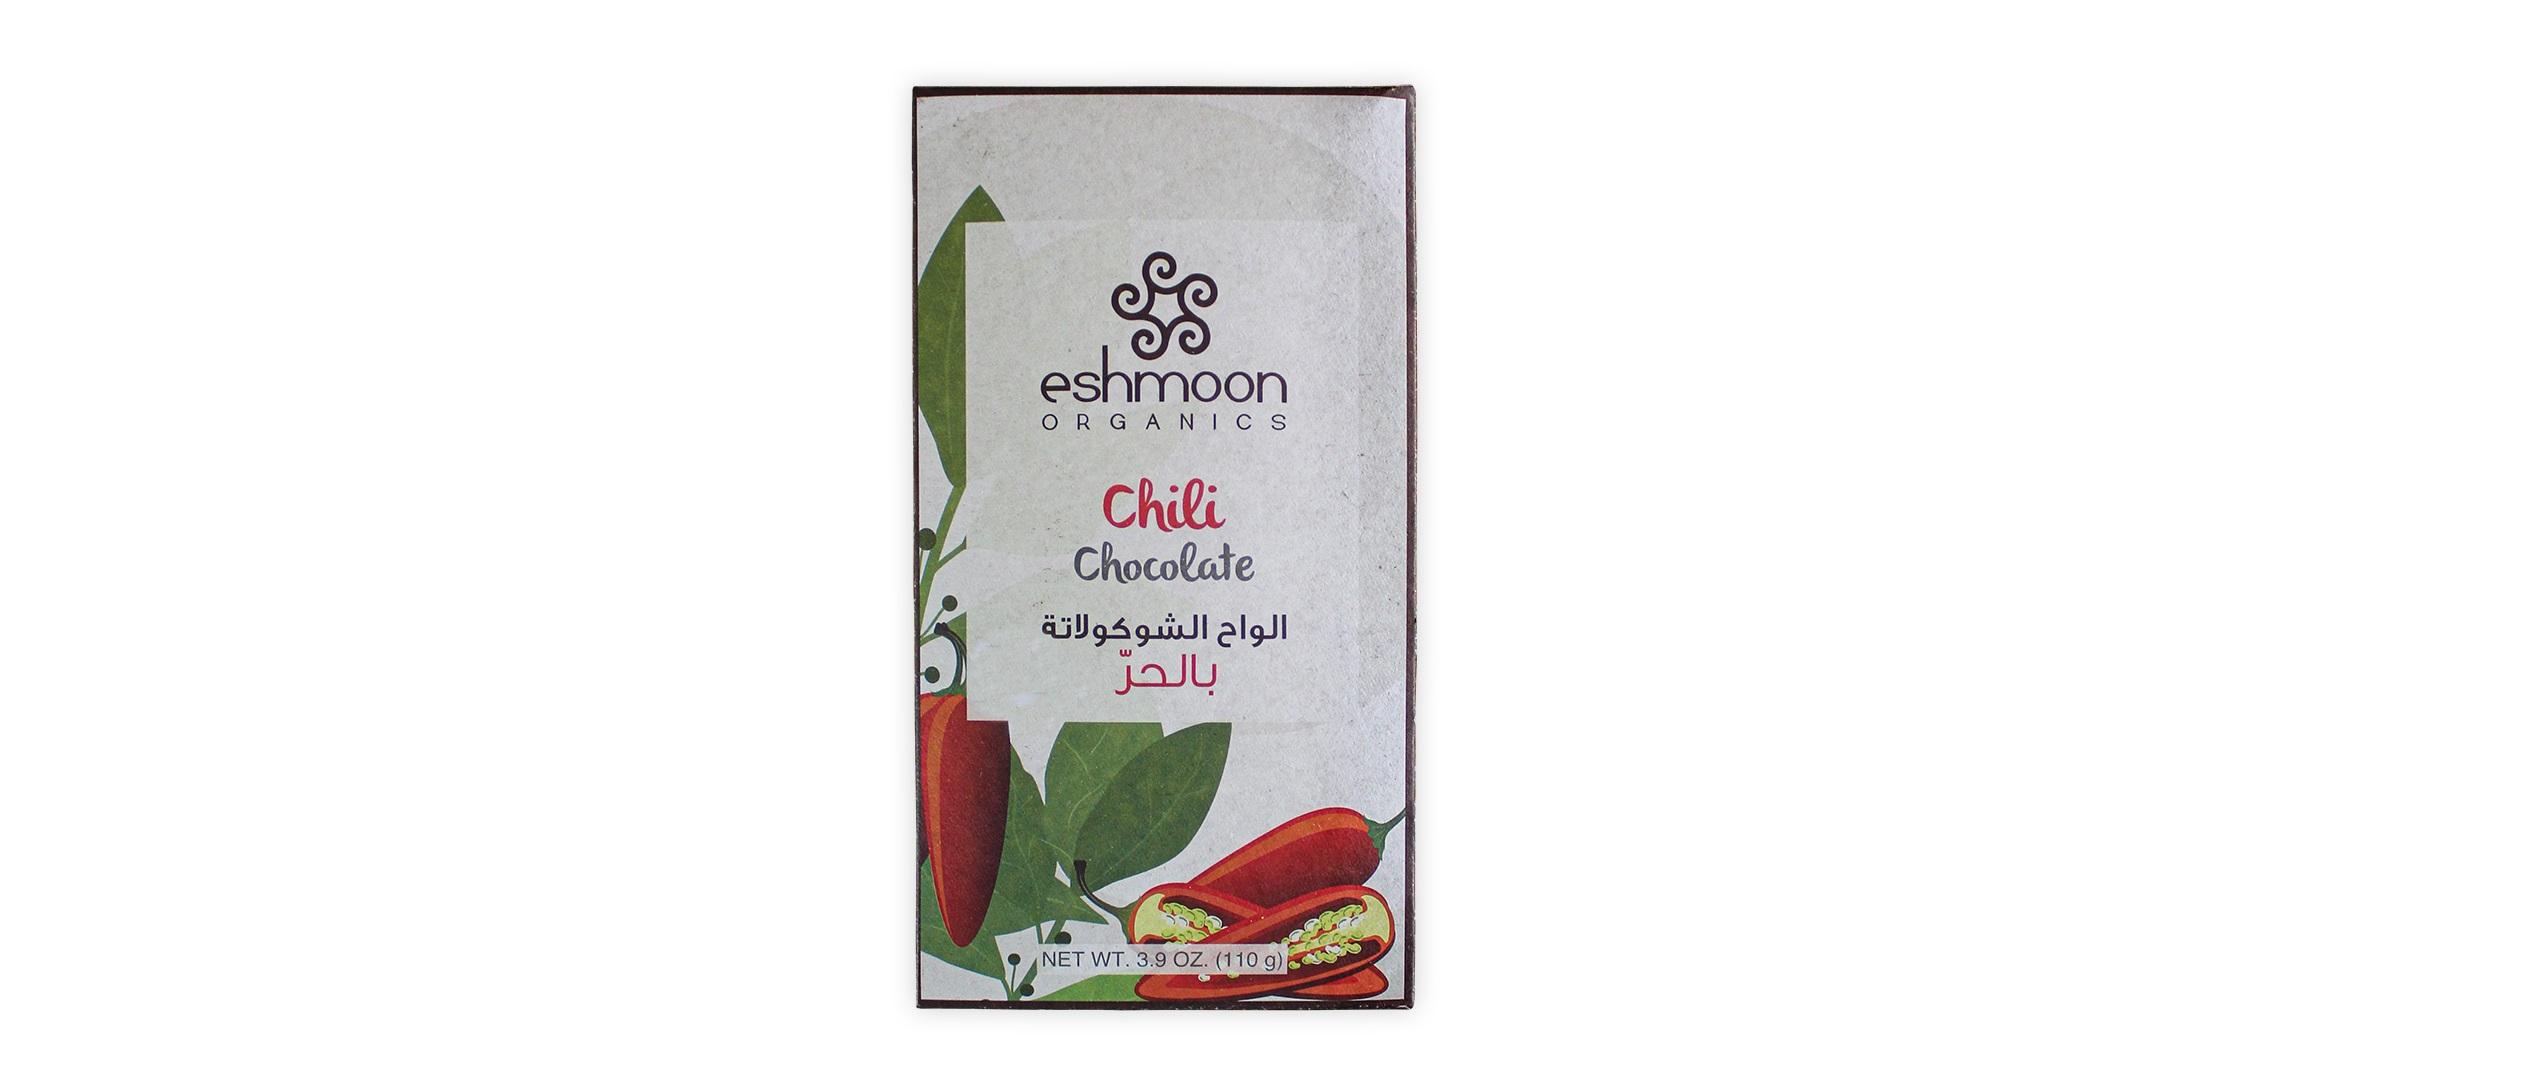 Eshmoon Chili Dark Chocolate 110g